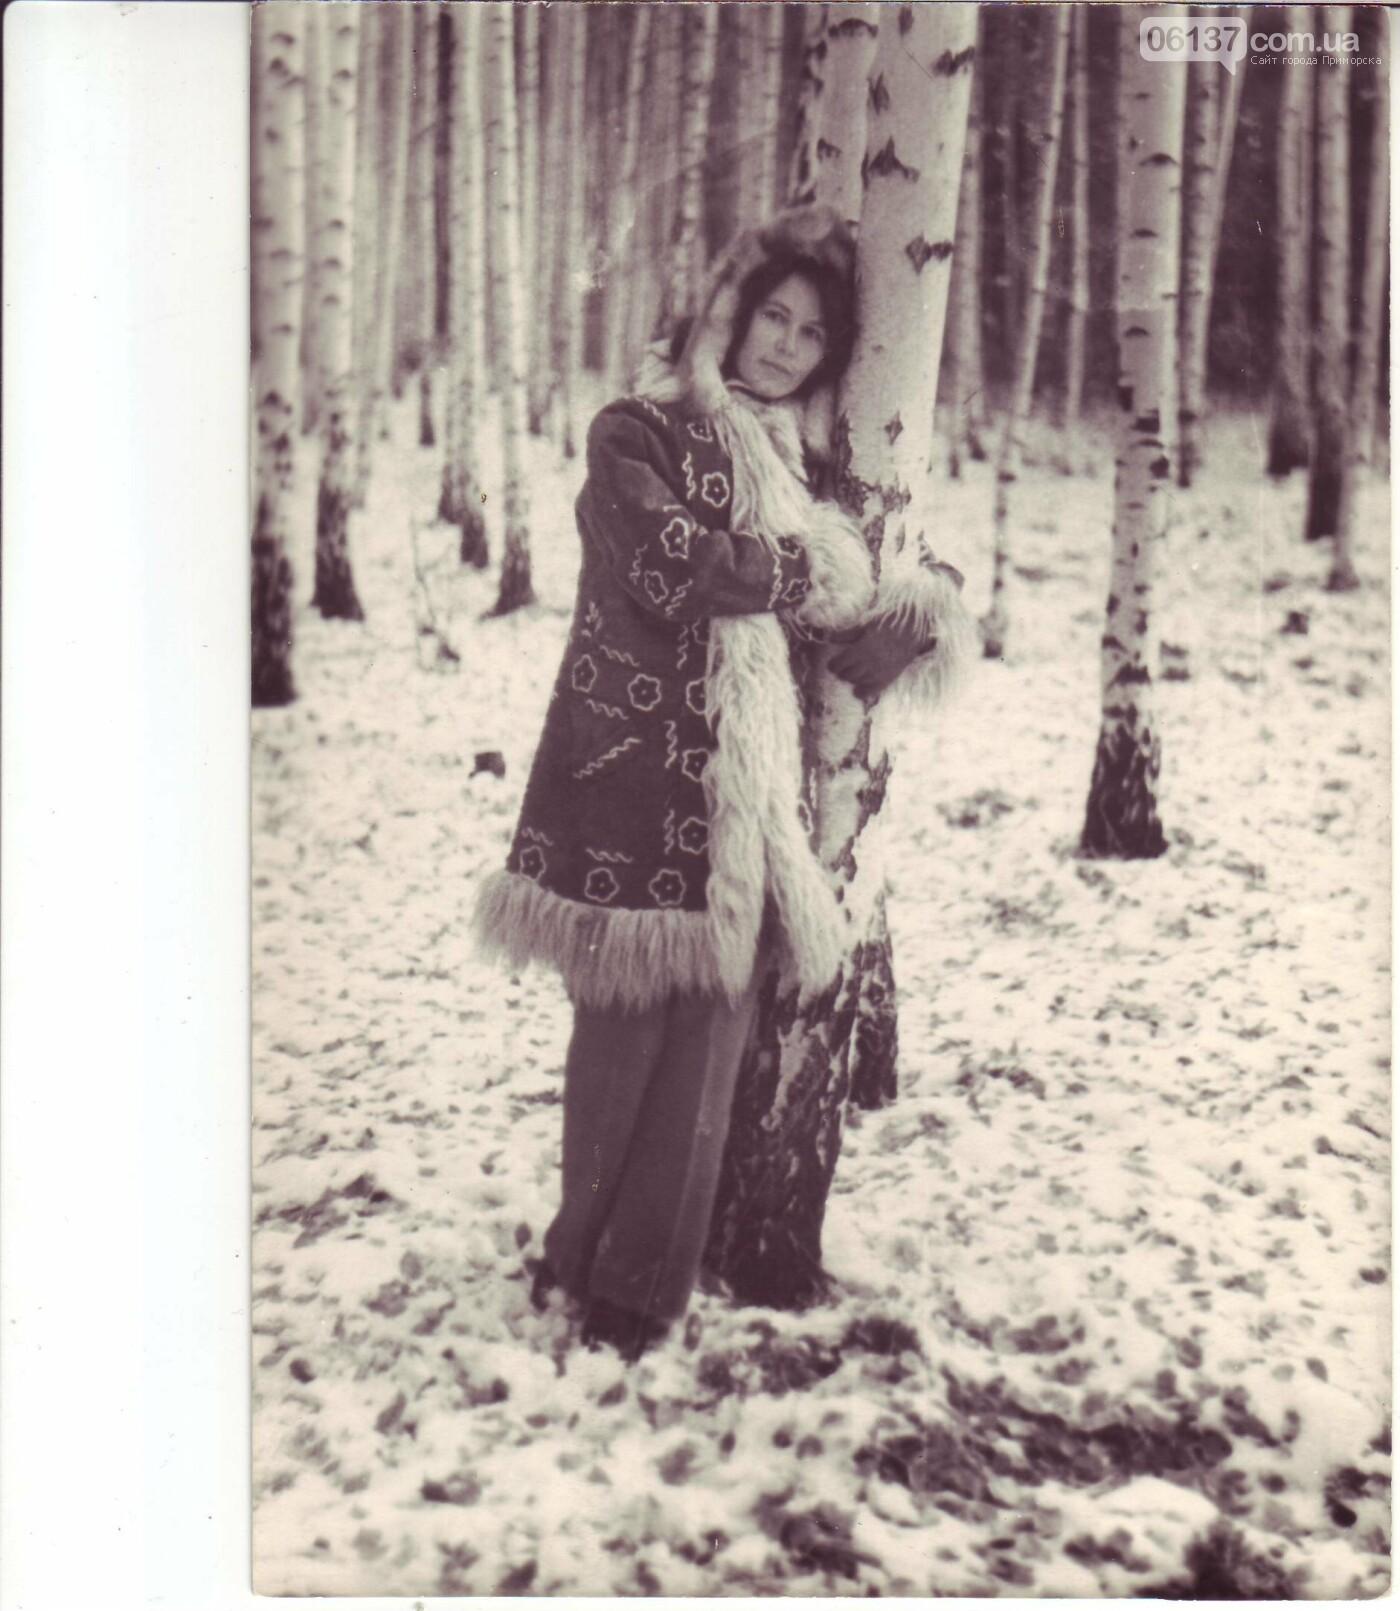 Історія кохання по Приморські, або останній романтик нашого часу, фото-2